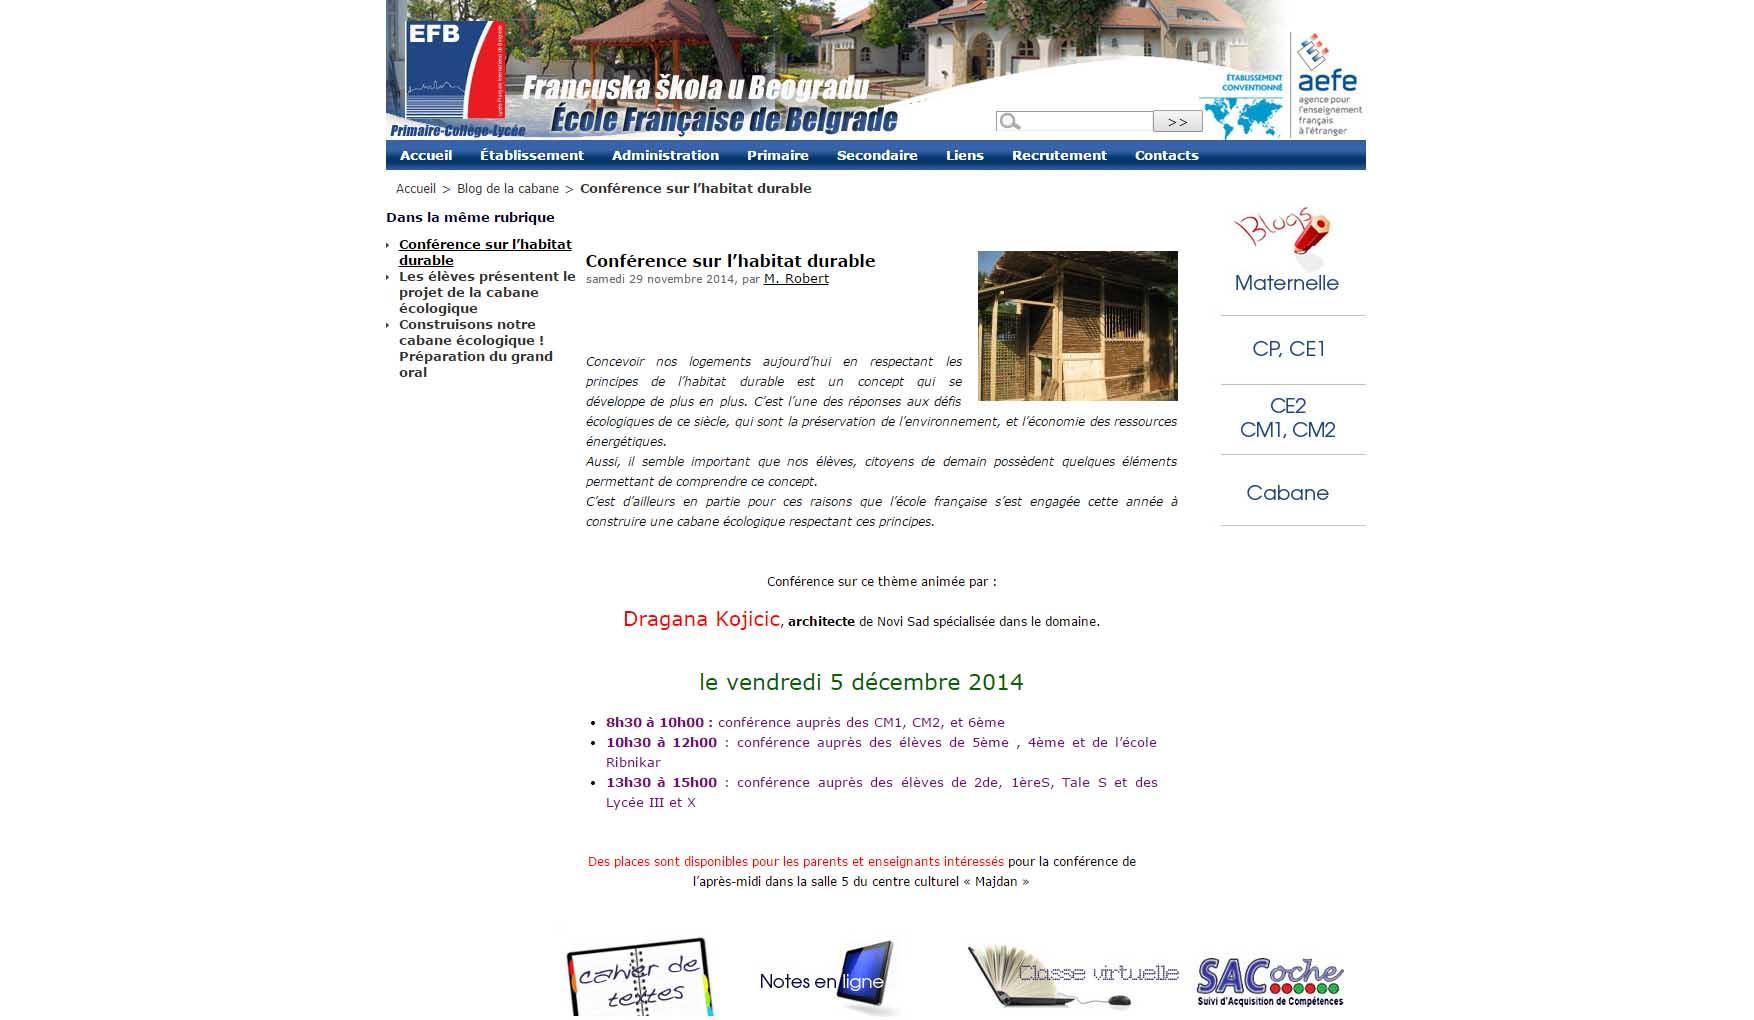 02 francuska skola Beograd